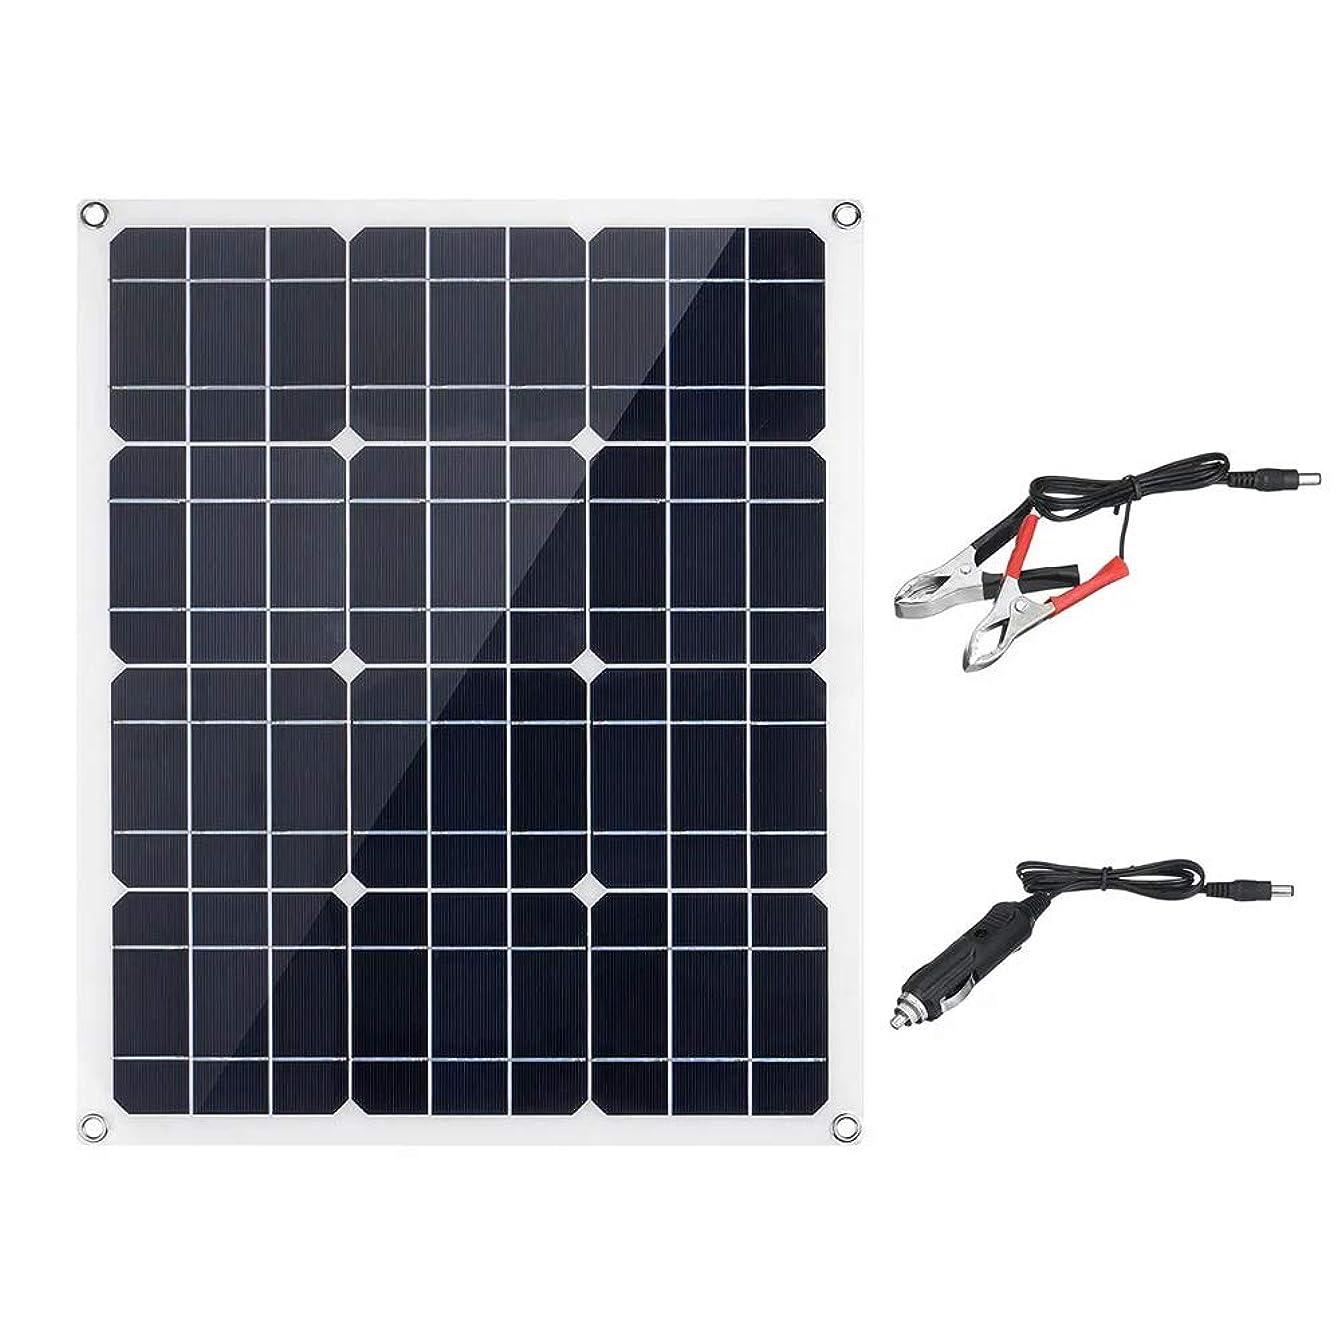 ドレスシャベル悪因子ソーラーパネル ソーラーバックパックのために屋外50W 18V防水単結晶ソーラーパネル 自家発電や商用発電に最適 (Color : Black, Size : One size)